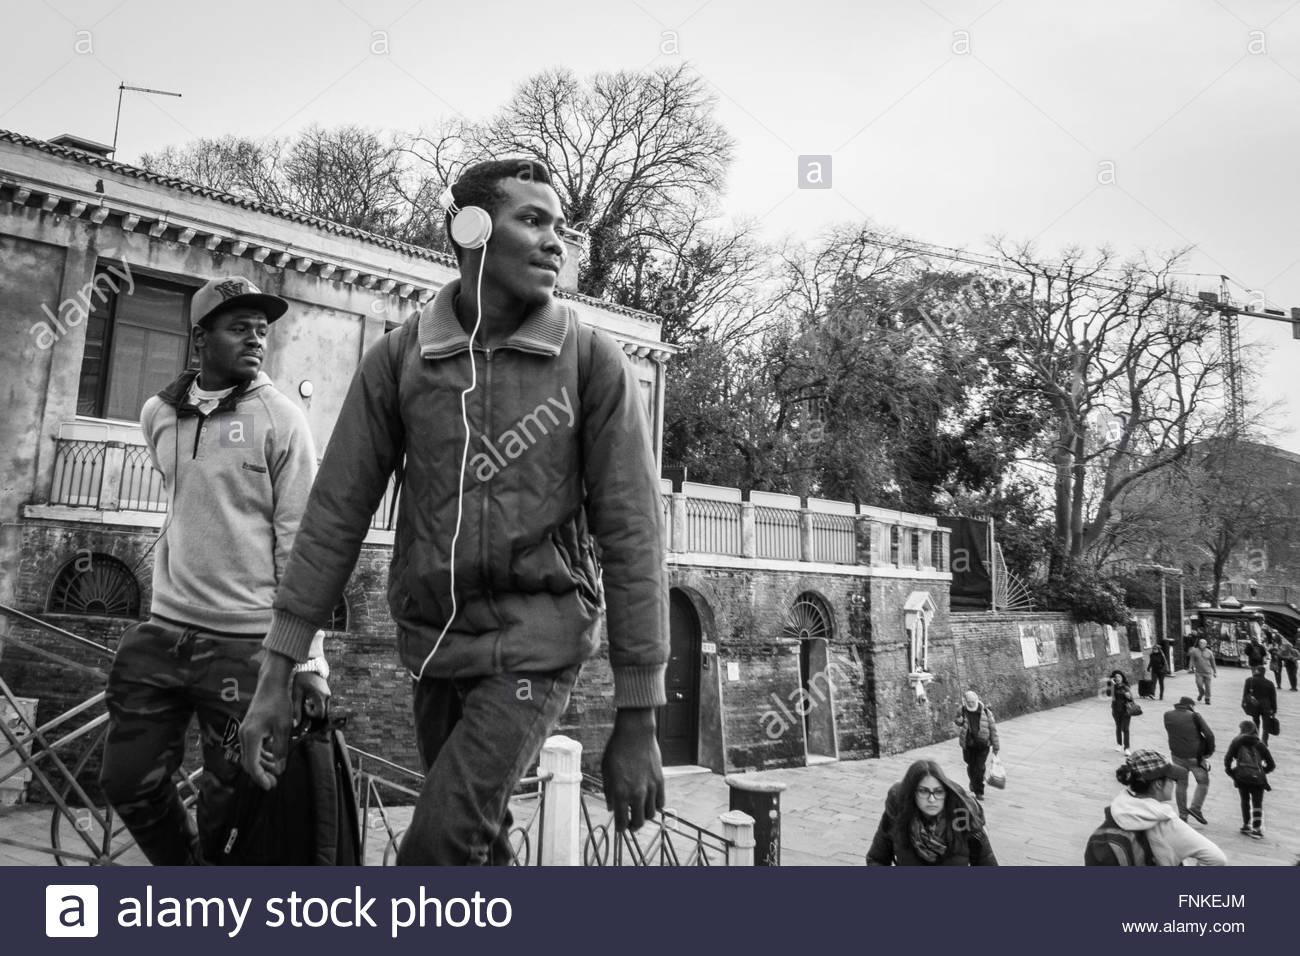 Venise, Italie - 30 mars 2015: homme marchant à travers Venise, portant des écouteurs, l'écoute Photo Stock